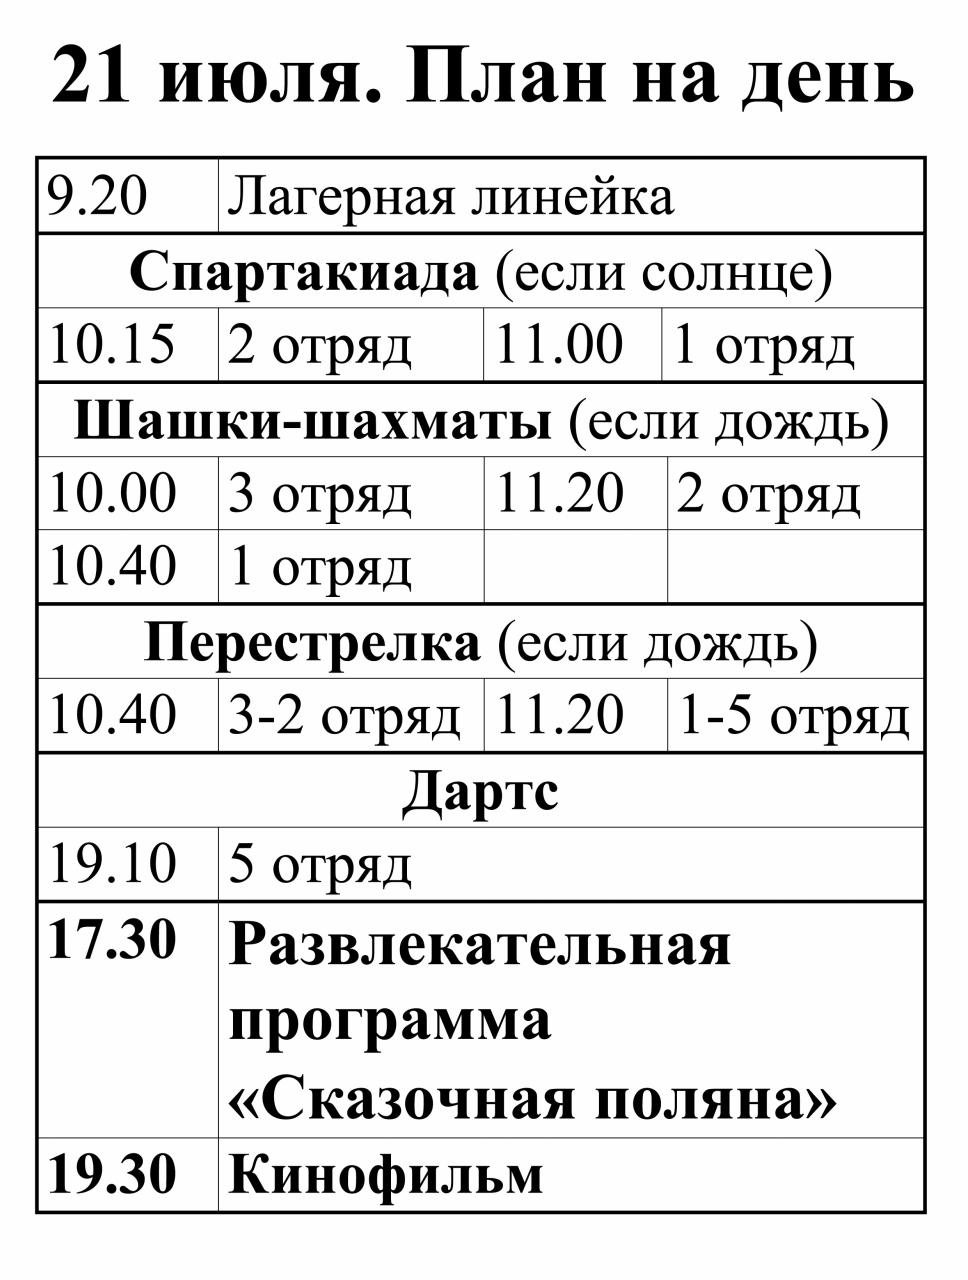 21-июля-план-на-день.jpg